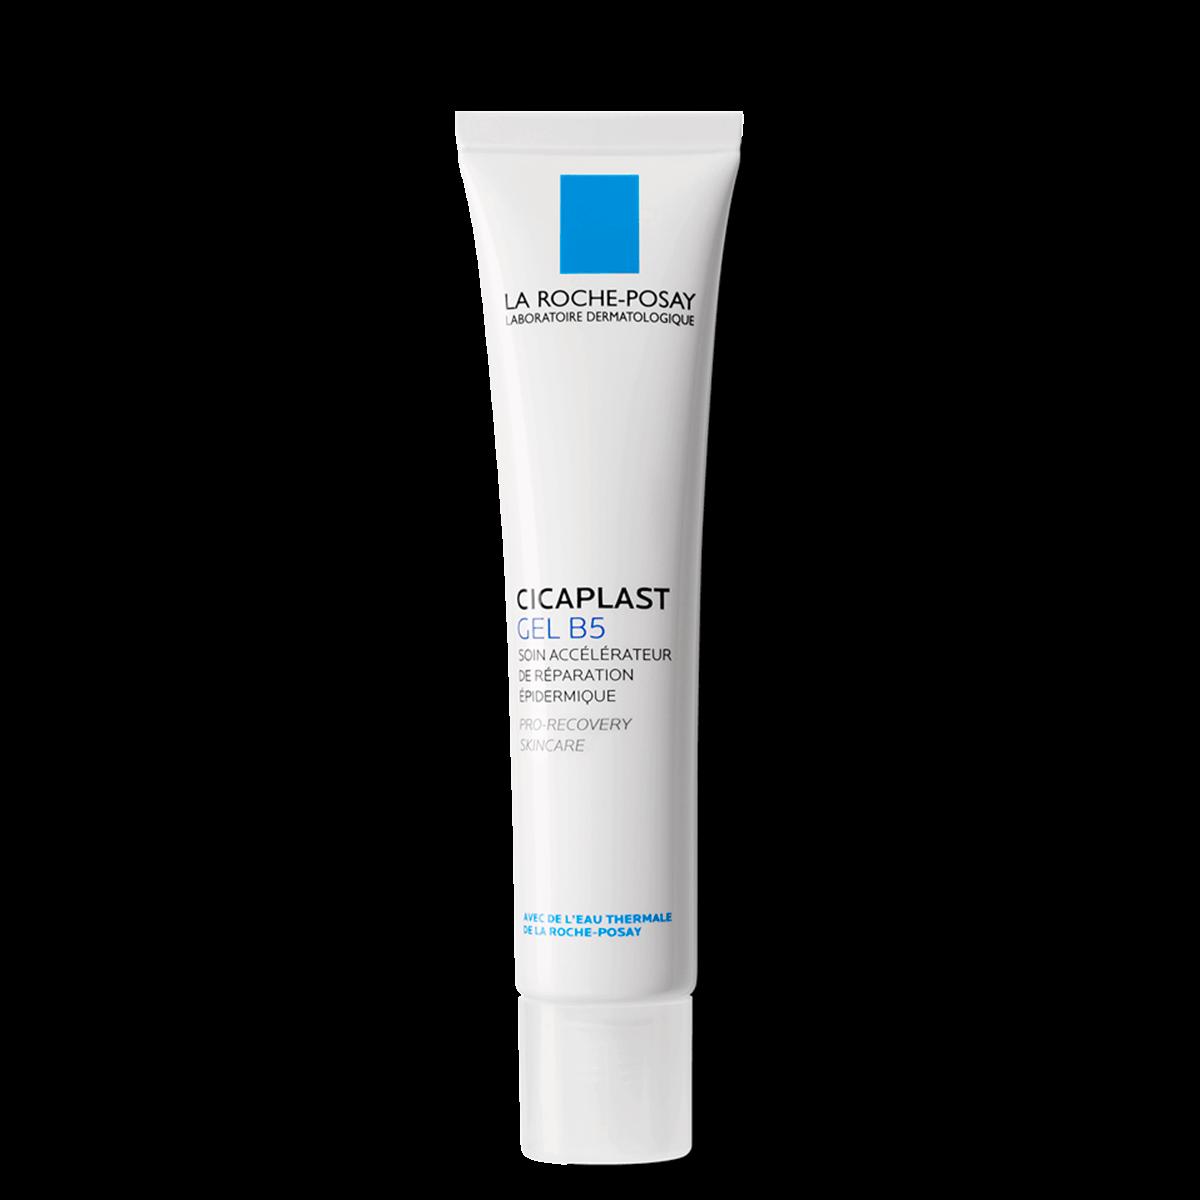 La Roche Posay TermékOldal Meggyengült bőr Cicaplast Gél B5 Pro Recovery 40ml 3337875586269 előlnézet